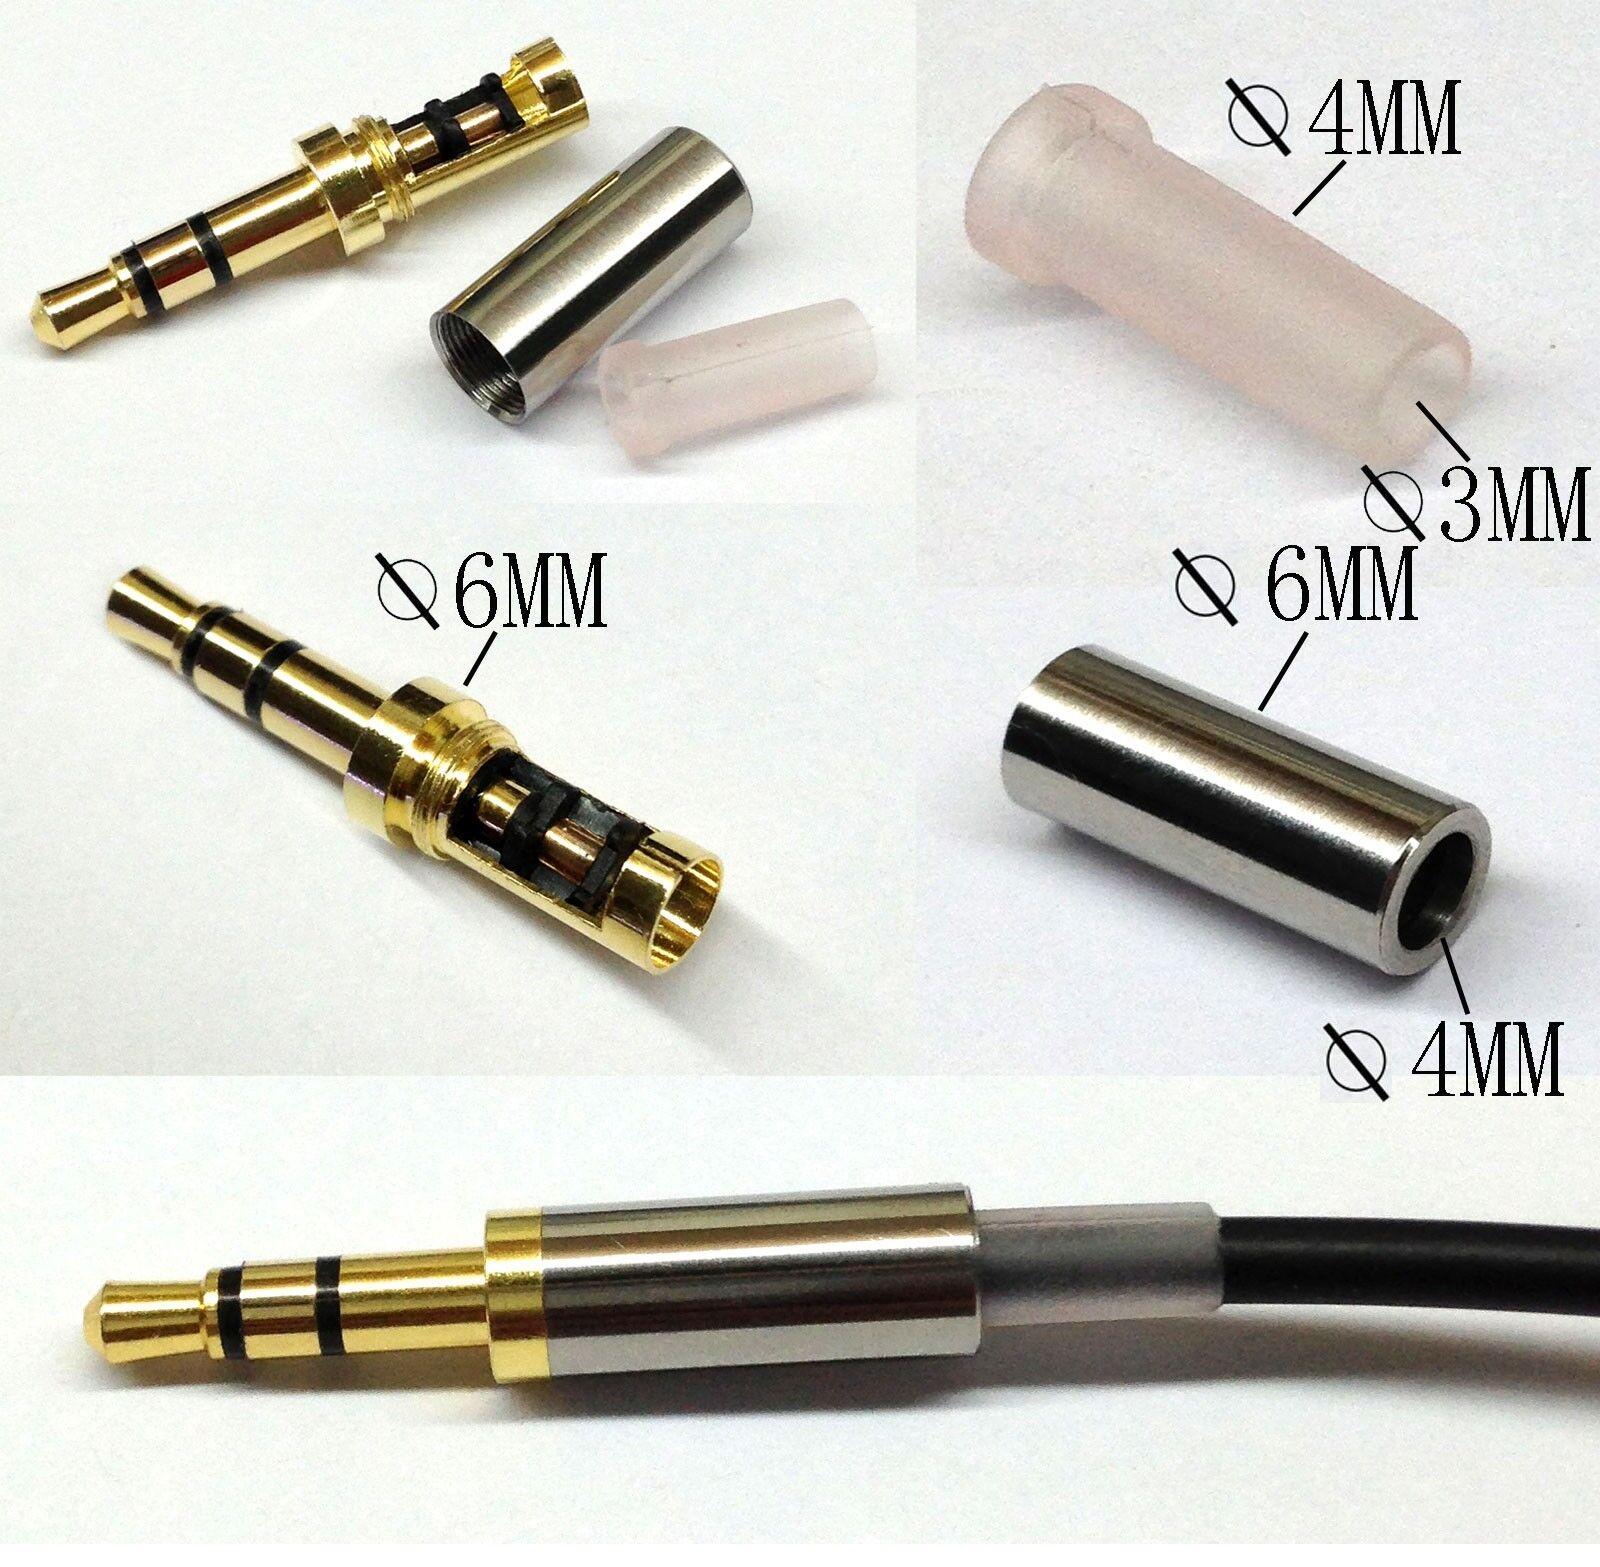 Gold 3 Pole 3.5mm Male Repair headphone Jack Plug Metal Audio Soldering & Spring